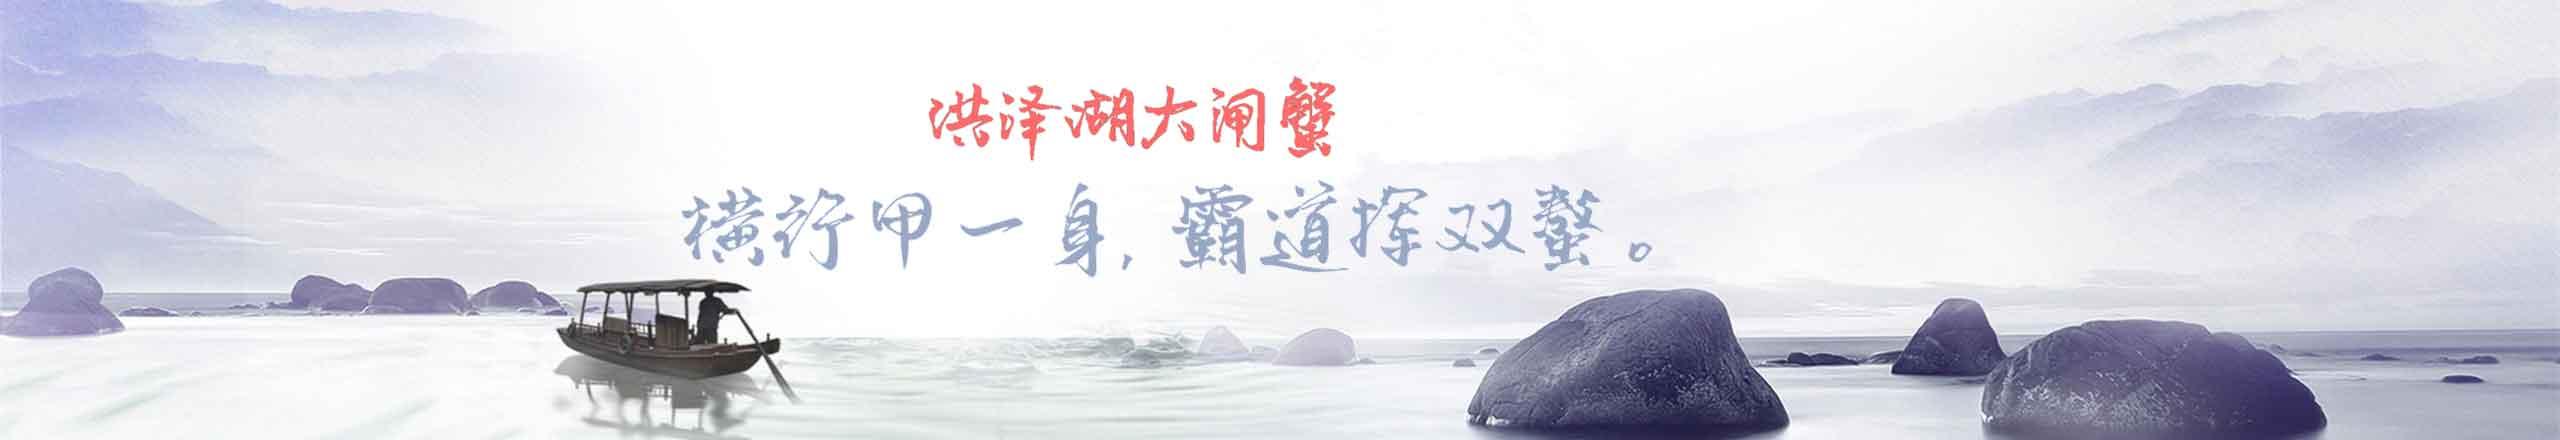 大闸蟹网logo